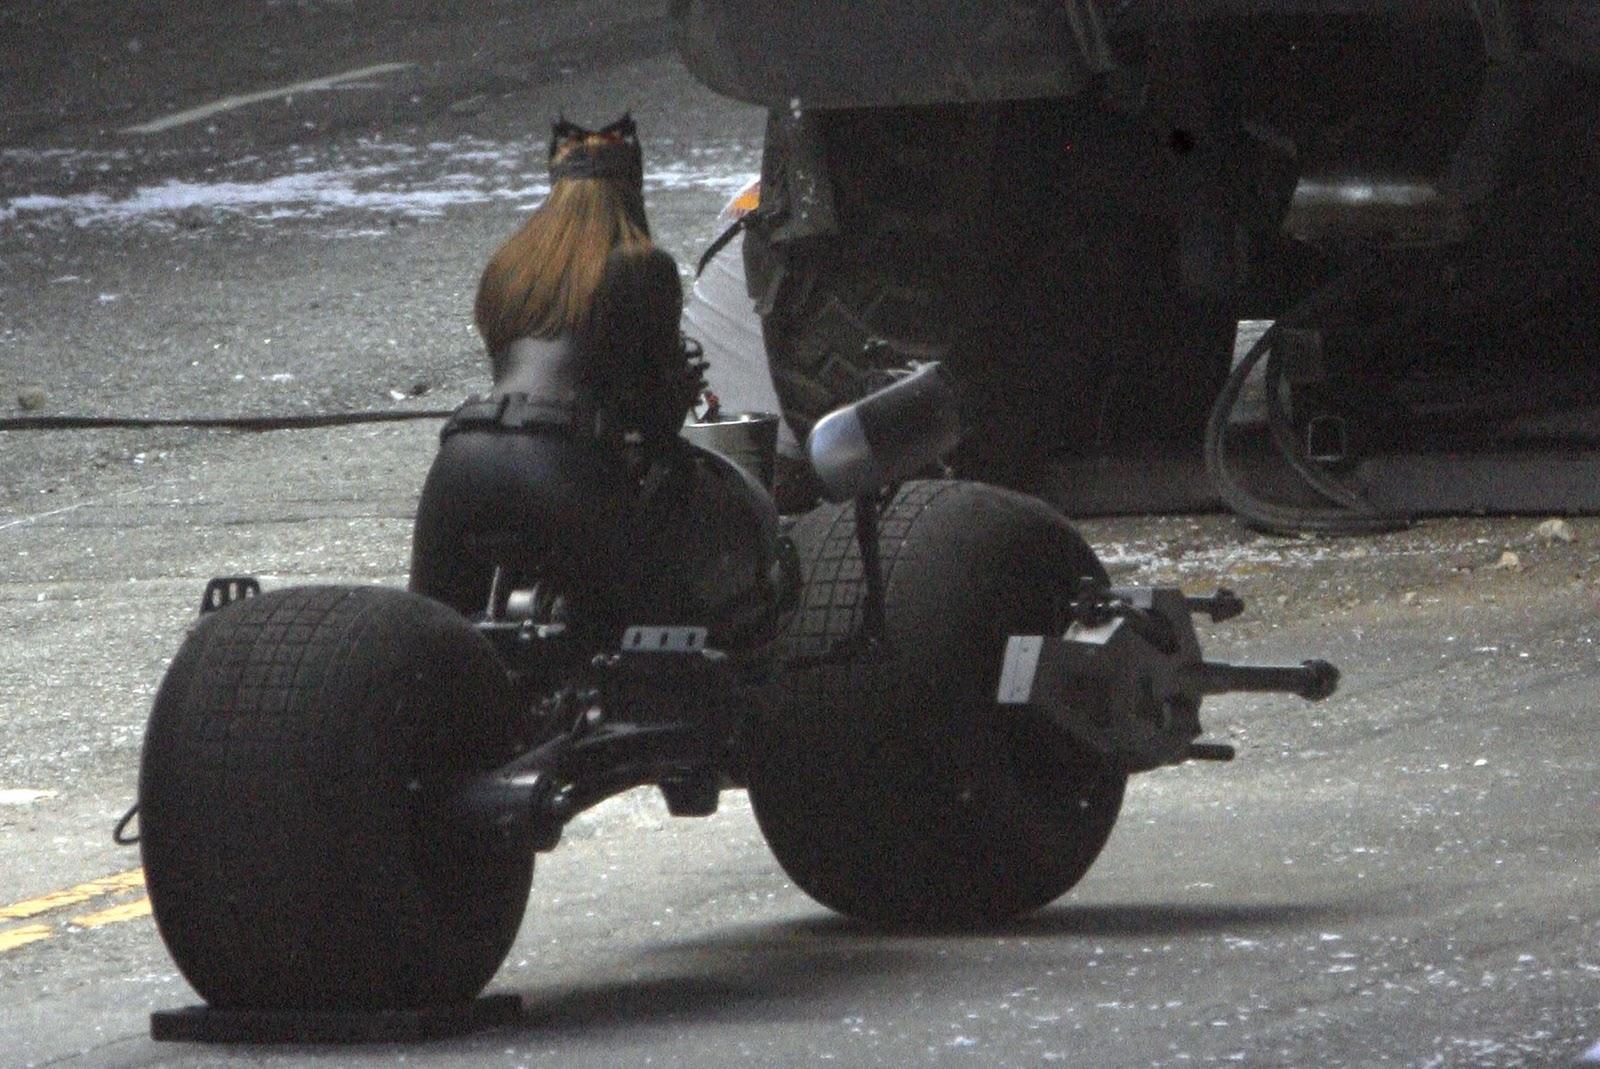 http://1.bp.blogspot.com/-w3ClfxyCh6c/ToIdtvu2YVI/AAAAAAAAAlA/GMPtbU57zW0/s1600/anne-hathaway-catwoman-3.jpg